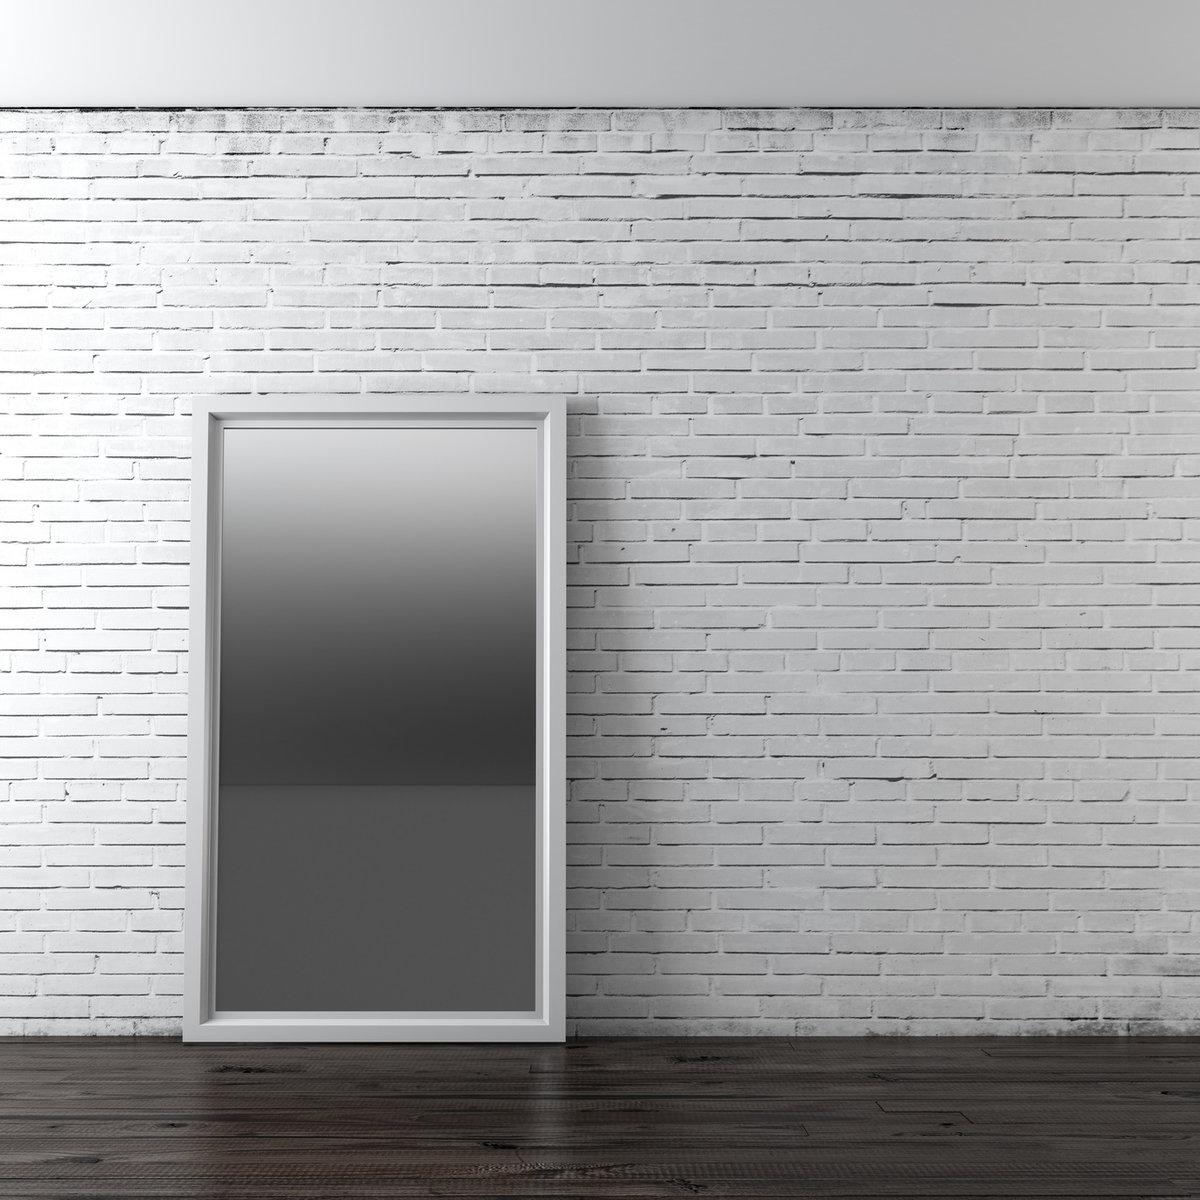 Szklana tafla nie tylko powiększy przestrzeń, ale także doda jej blasku!